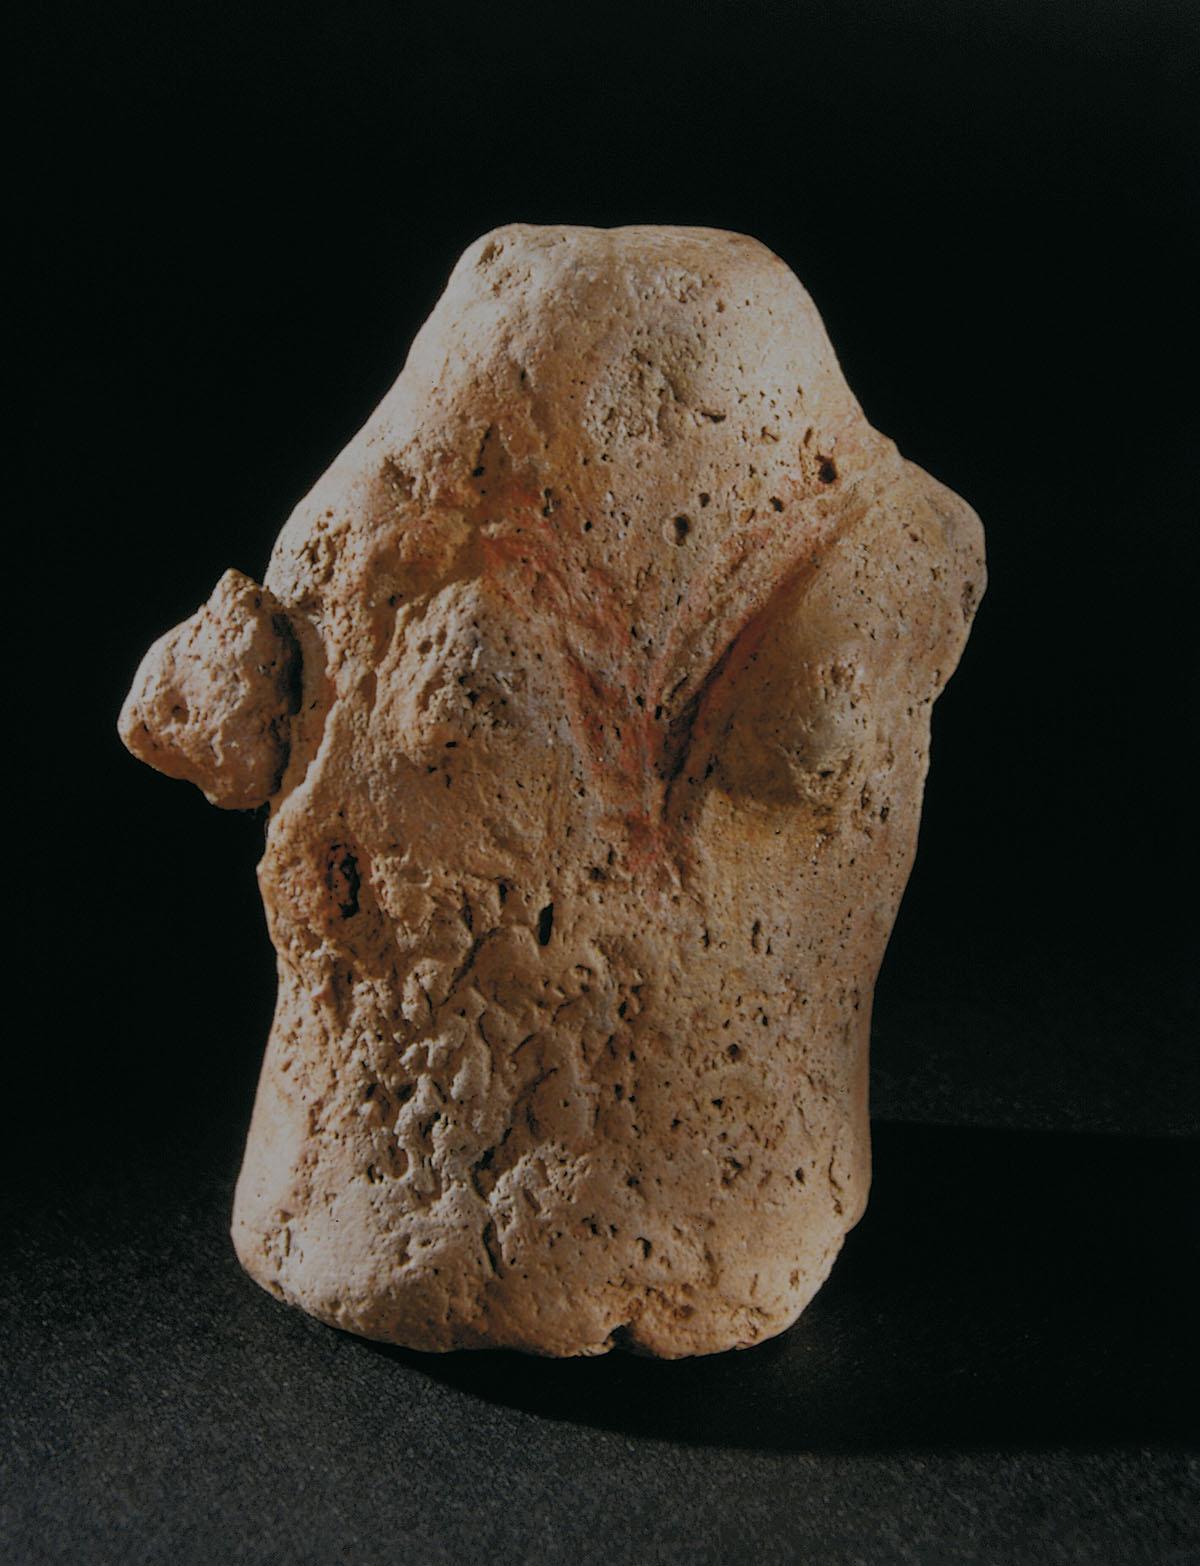 Statuina Neolitico - Statuina proveniente dal sito Neolitico di SammardenchiaPozzuolo del Friuli - Udine